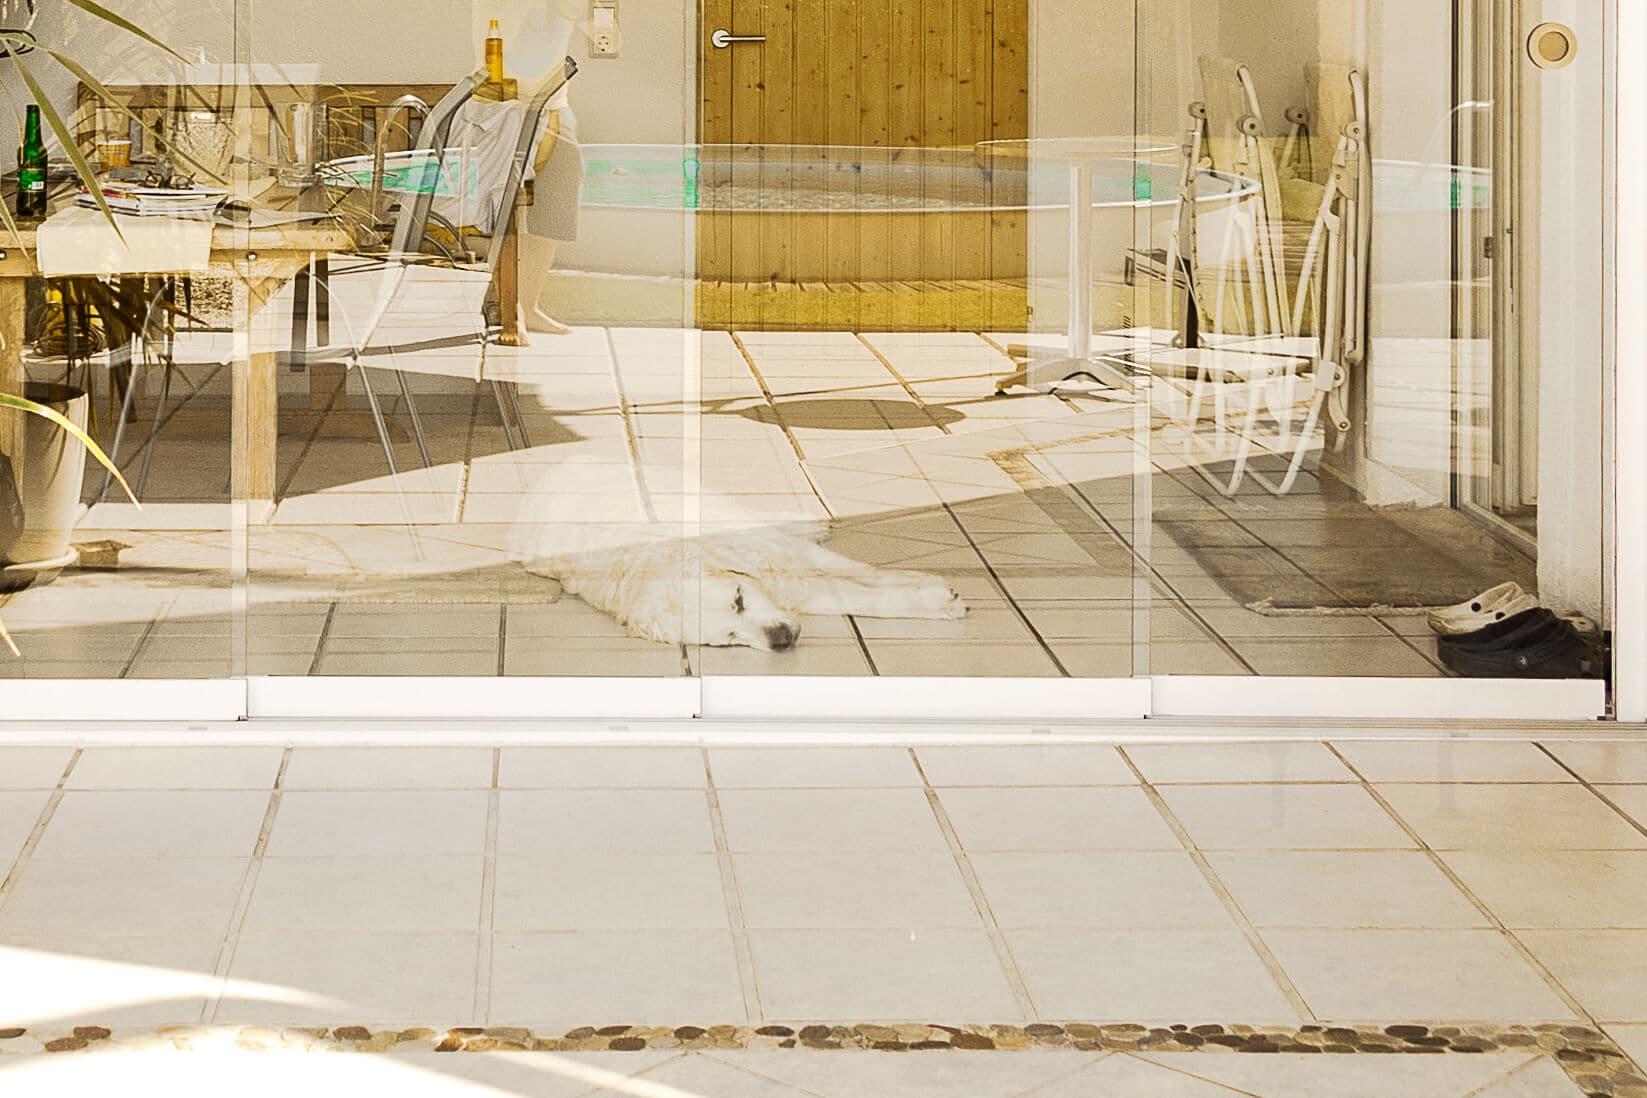 Ganzglas-Schiebe-Türen unten aufstehende Konstruktionen